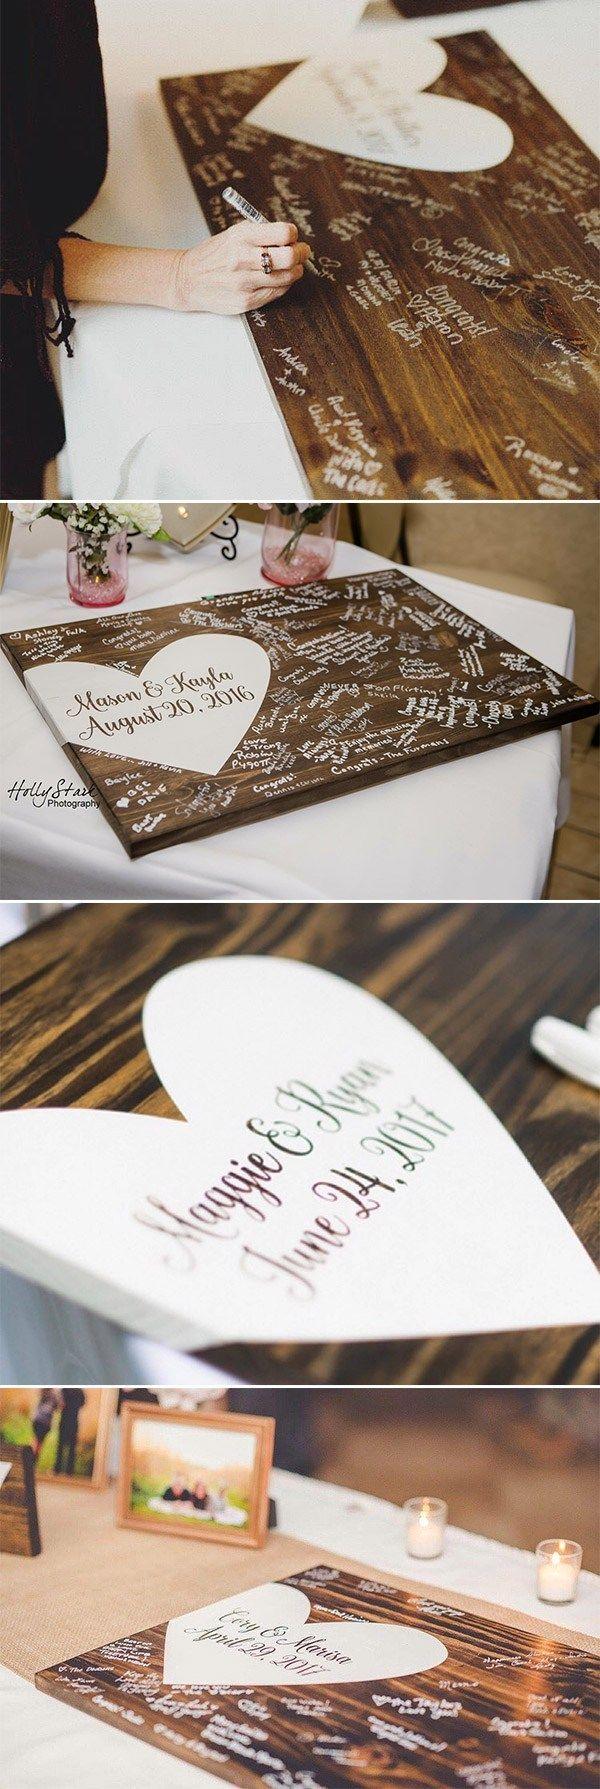 Rustikale Land Holz Hochzeit Gästebuch Ideen #hochzeit #hochzeitsid